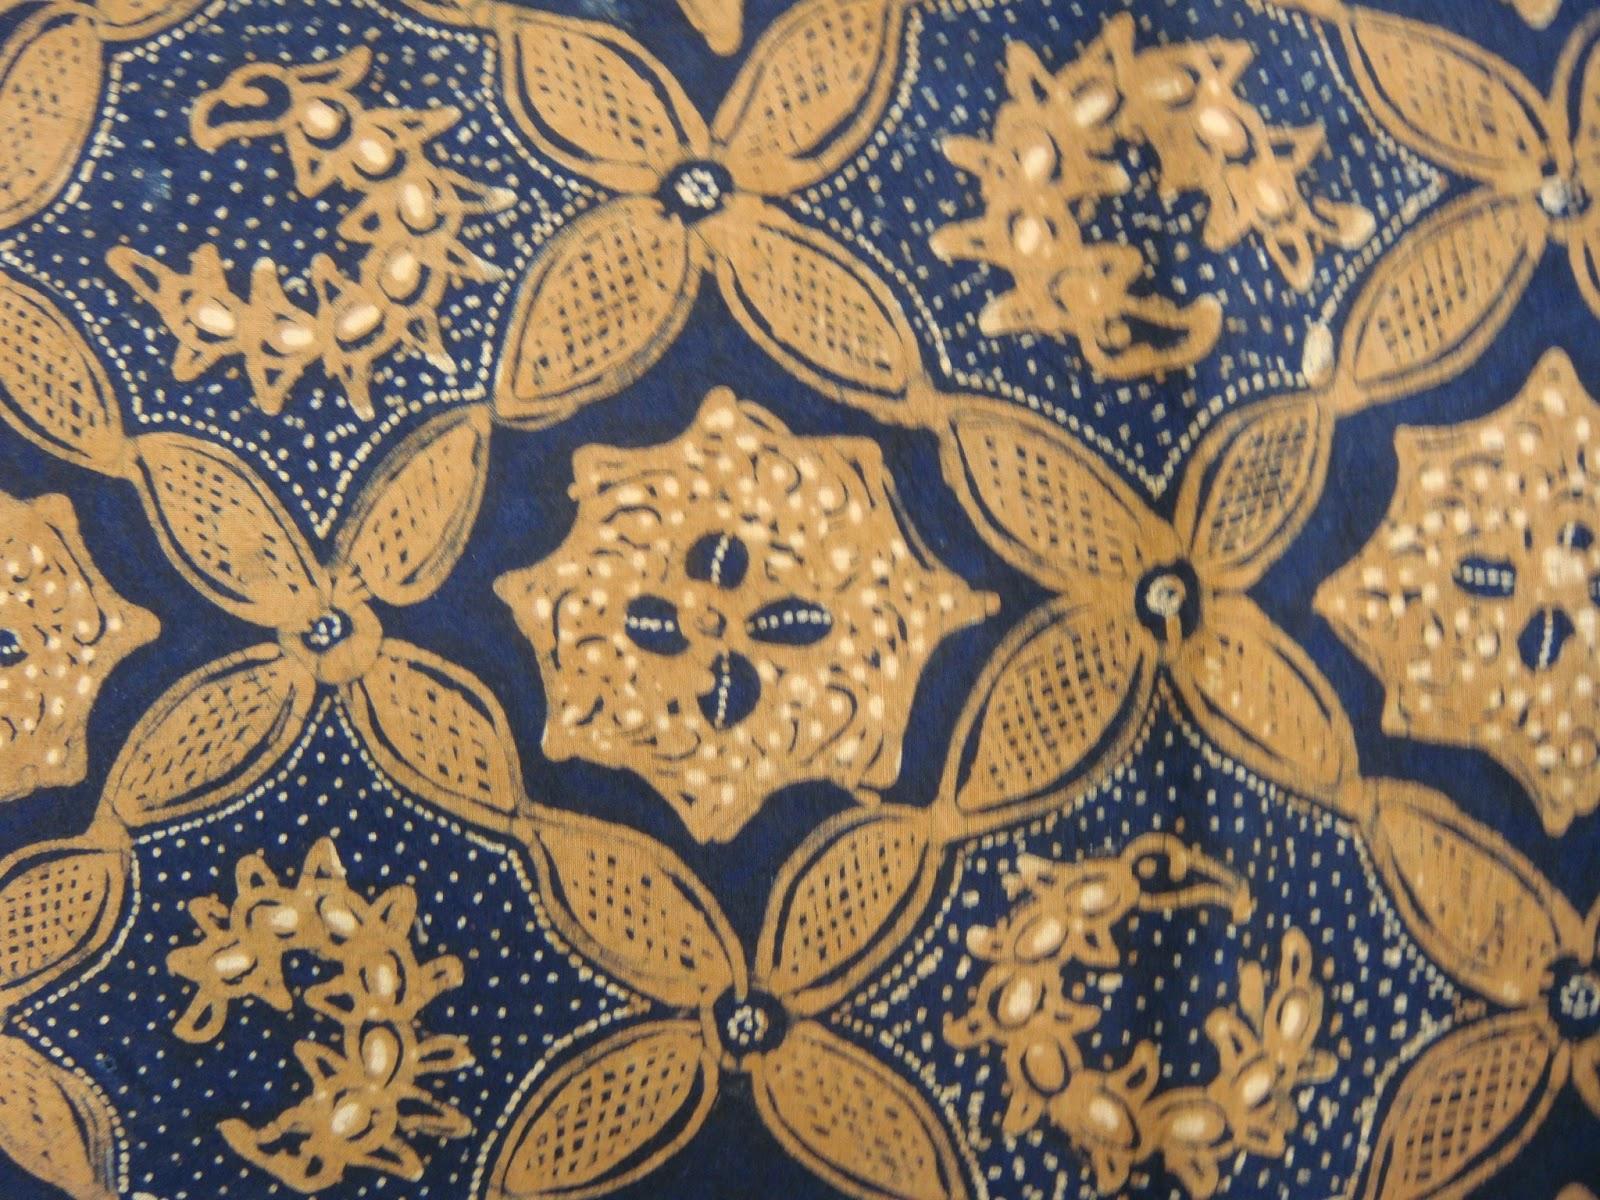 Pengrajin Batik Tulis Warna Alam Contoh Batik Warna Alam Karya Kami